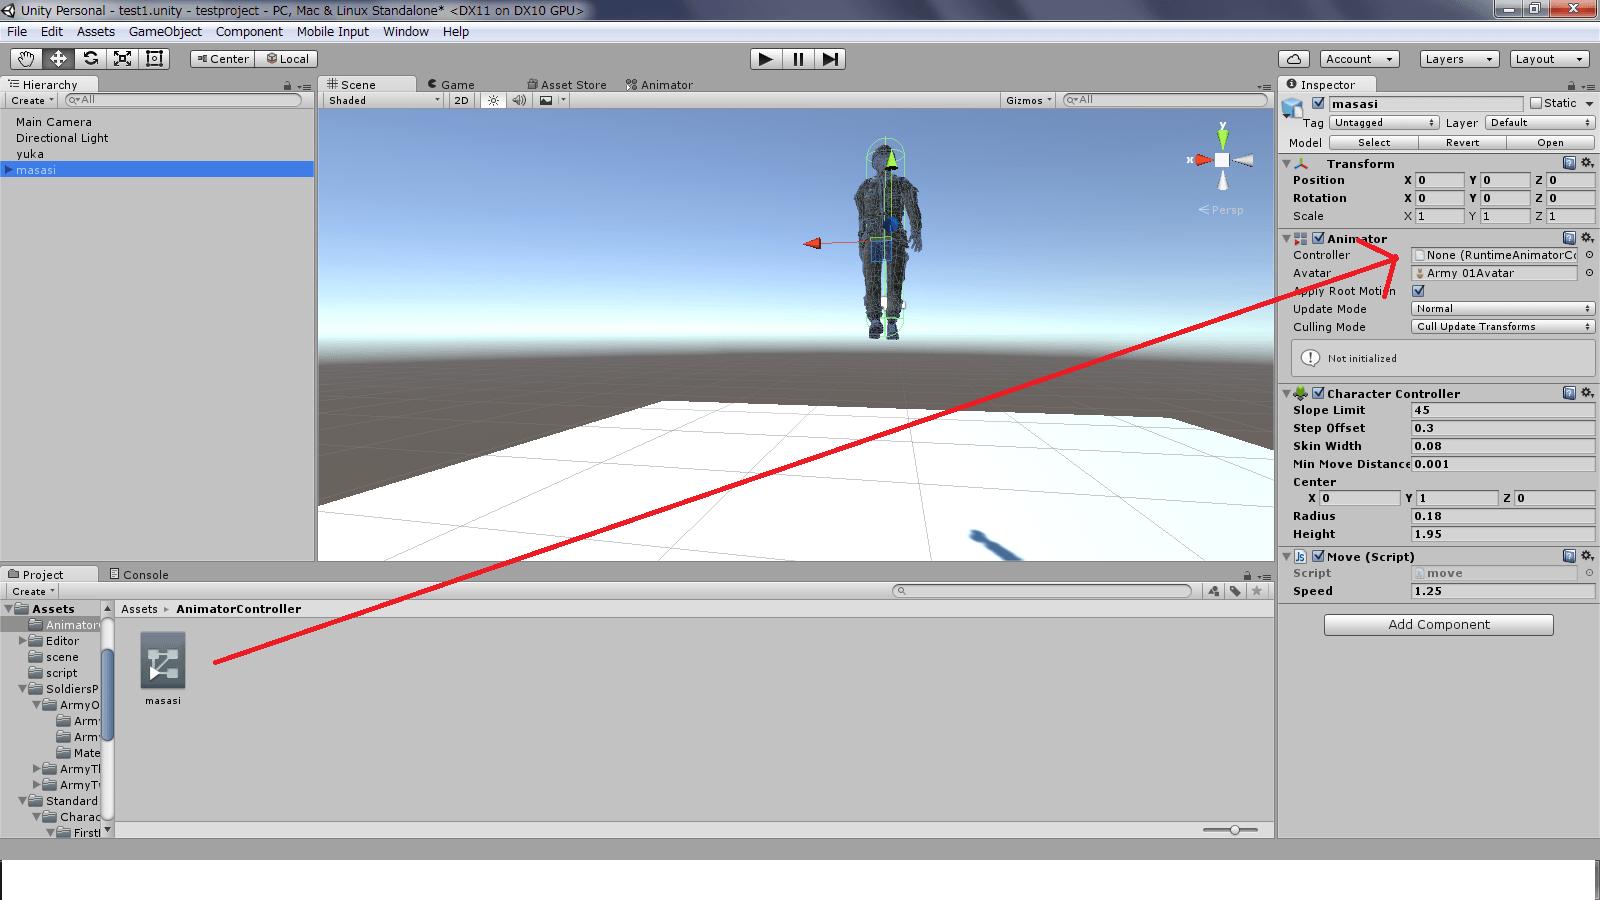 キャラクターのアニメーターにアニメーターコントローラーを設定する